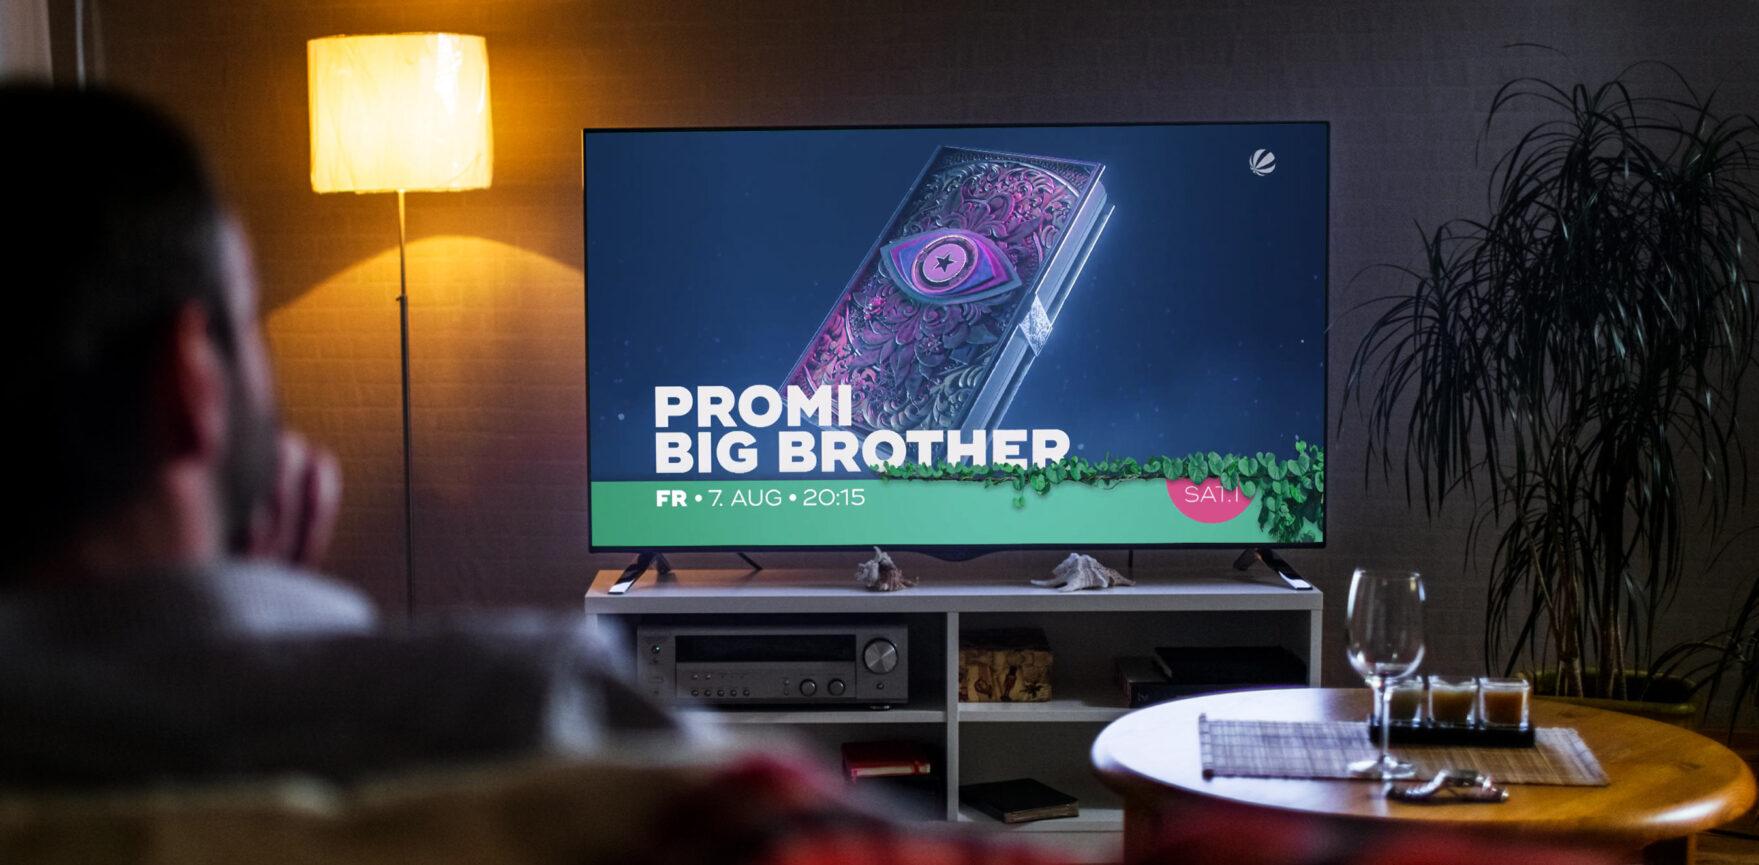 Vorschau TV On-Air Masterspot von dem Sat.1 Format Promi Big Brother